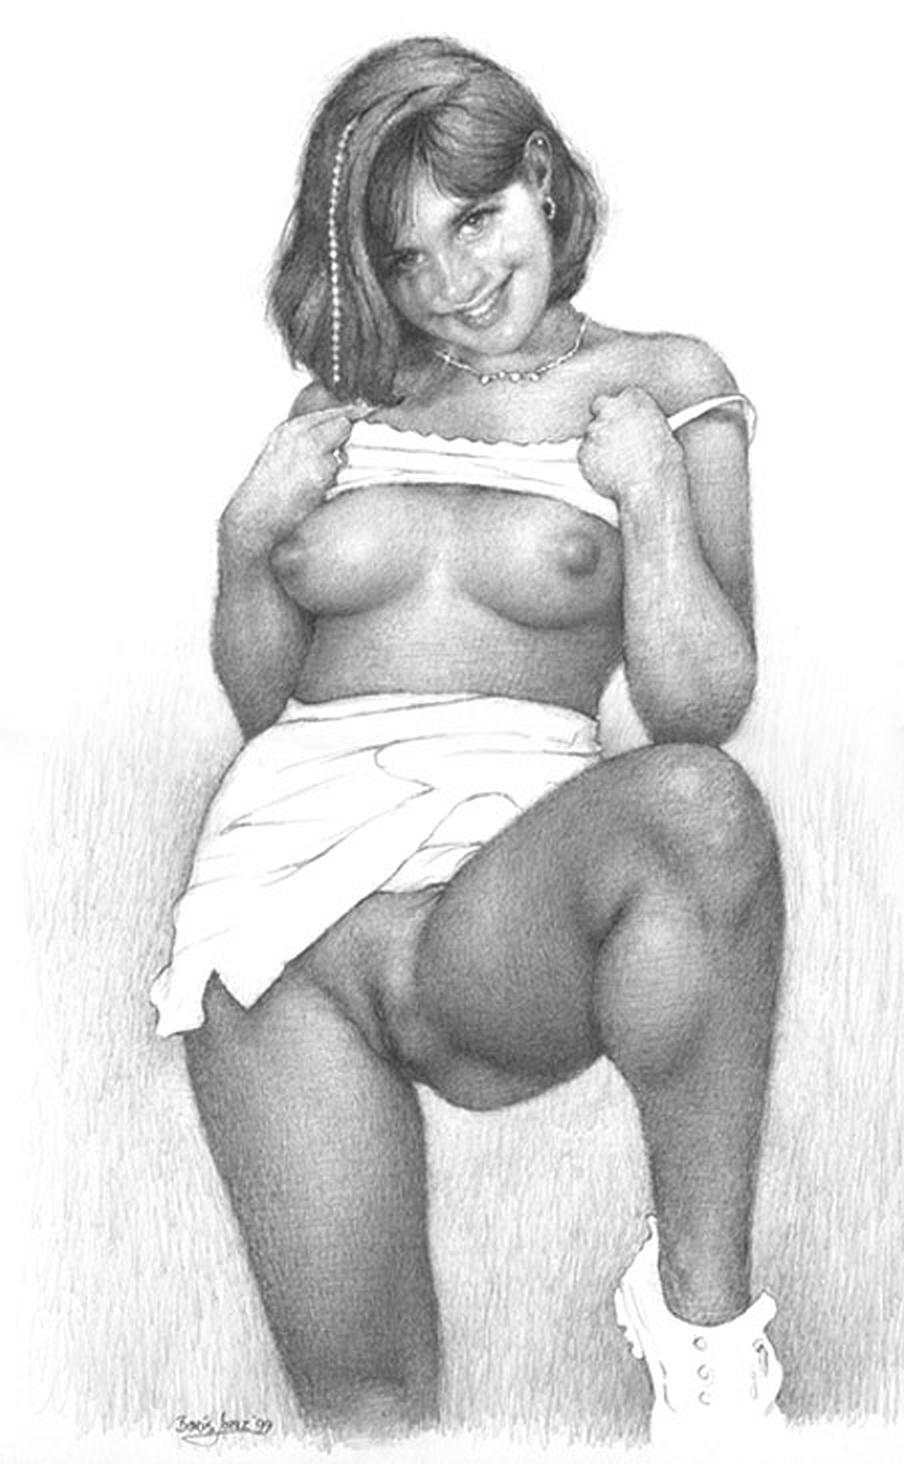 как нарисовать женщину в голую без трусов фото выдержала